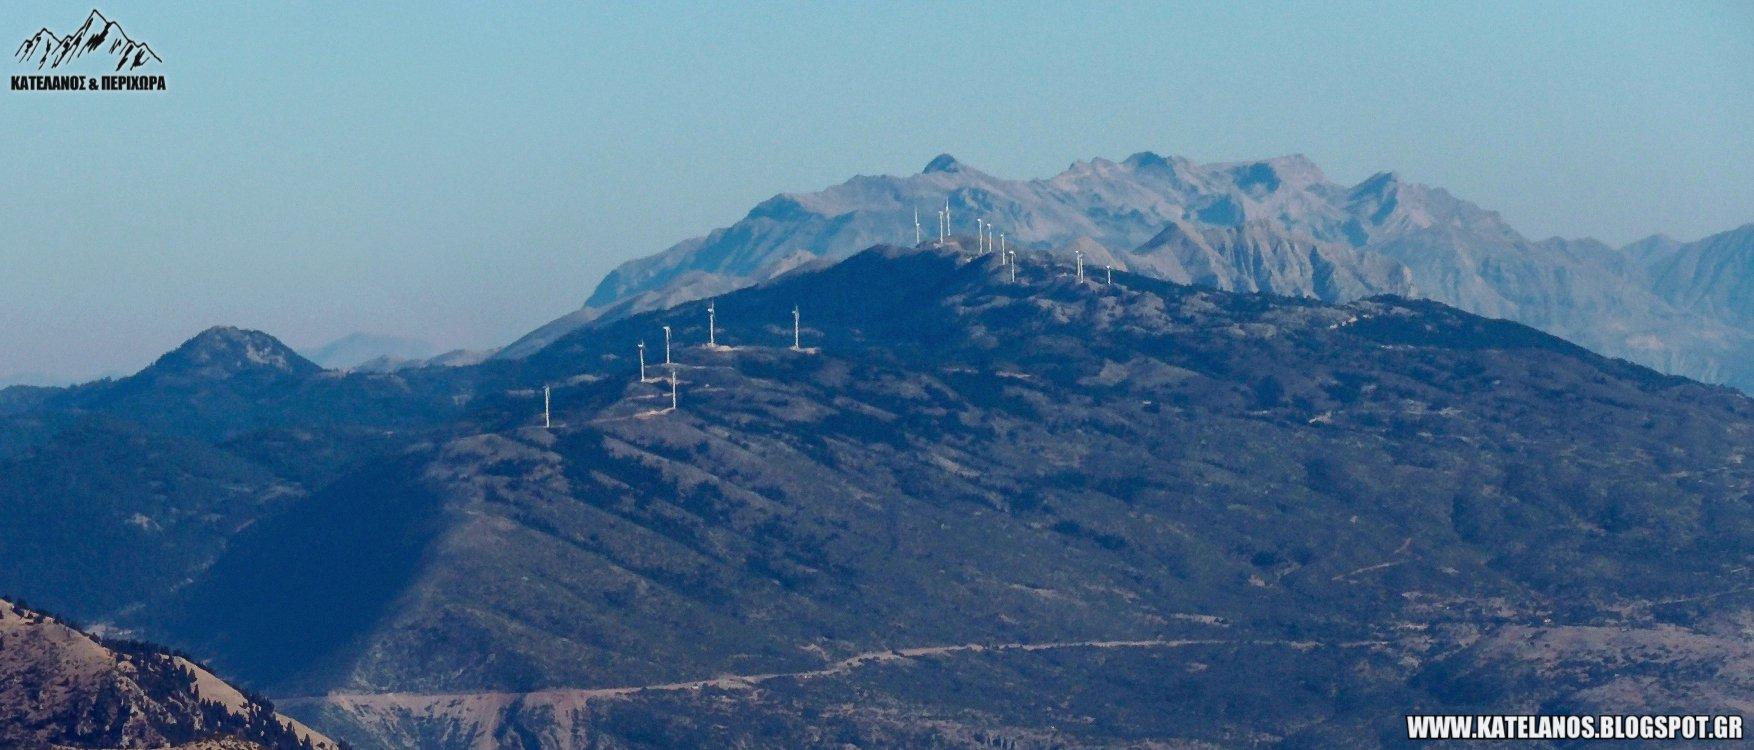 ορη βαλτου ανεμογεννητριες τζουμερκα κατεστραμμενα βουνα αιολικα παρκα